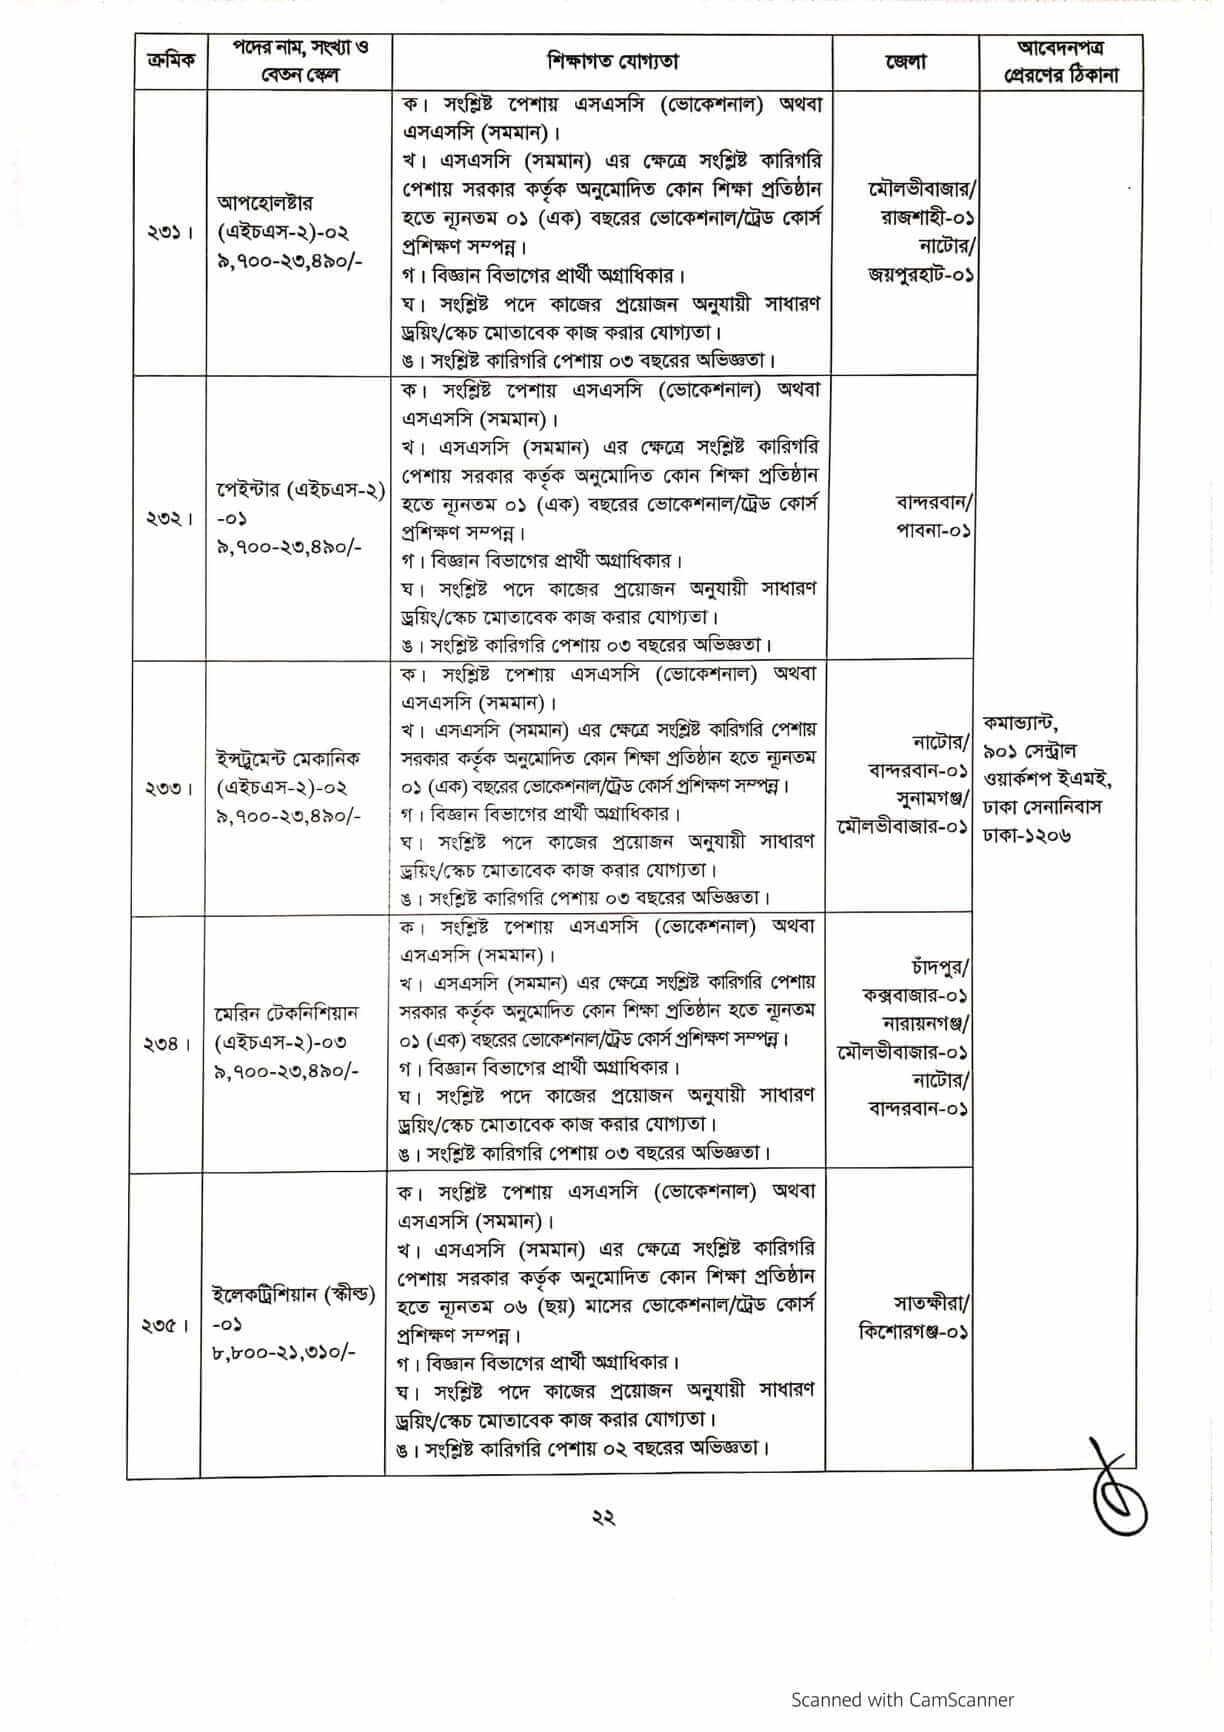 joinbangladesharmy.army.mil.bd job circular 2021